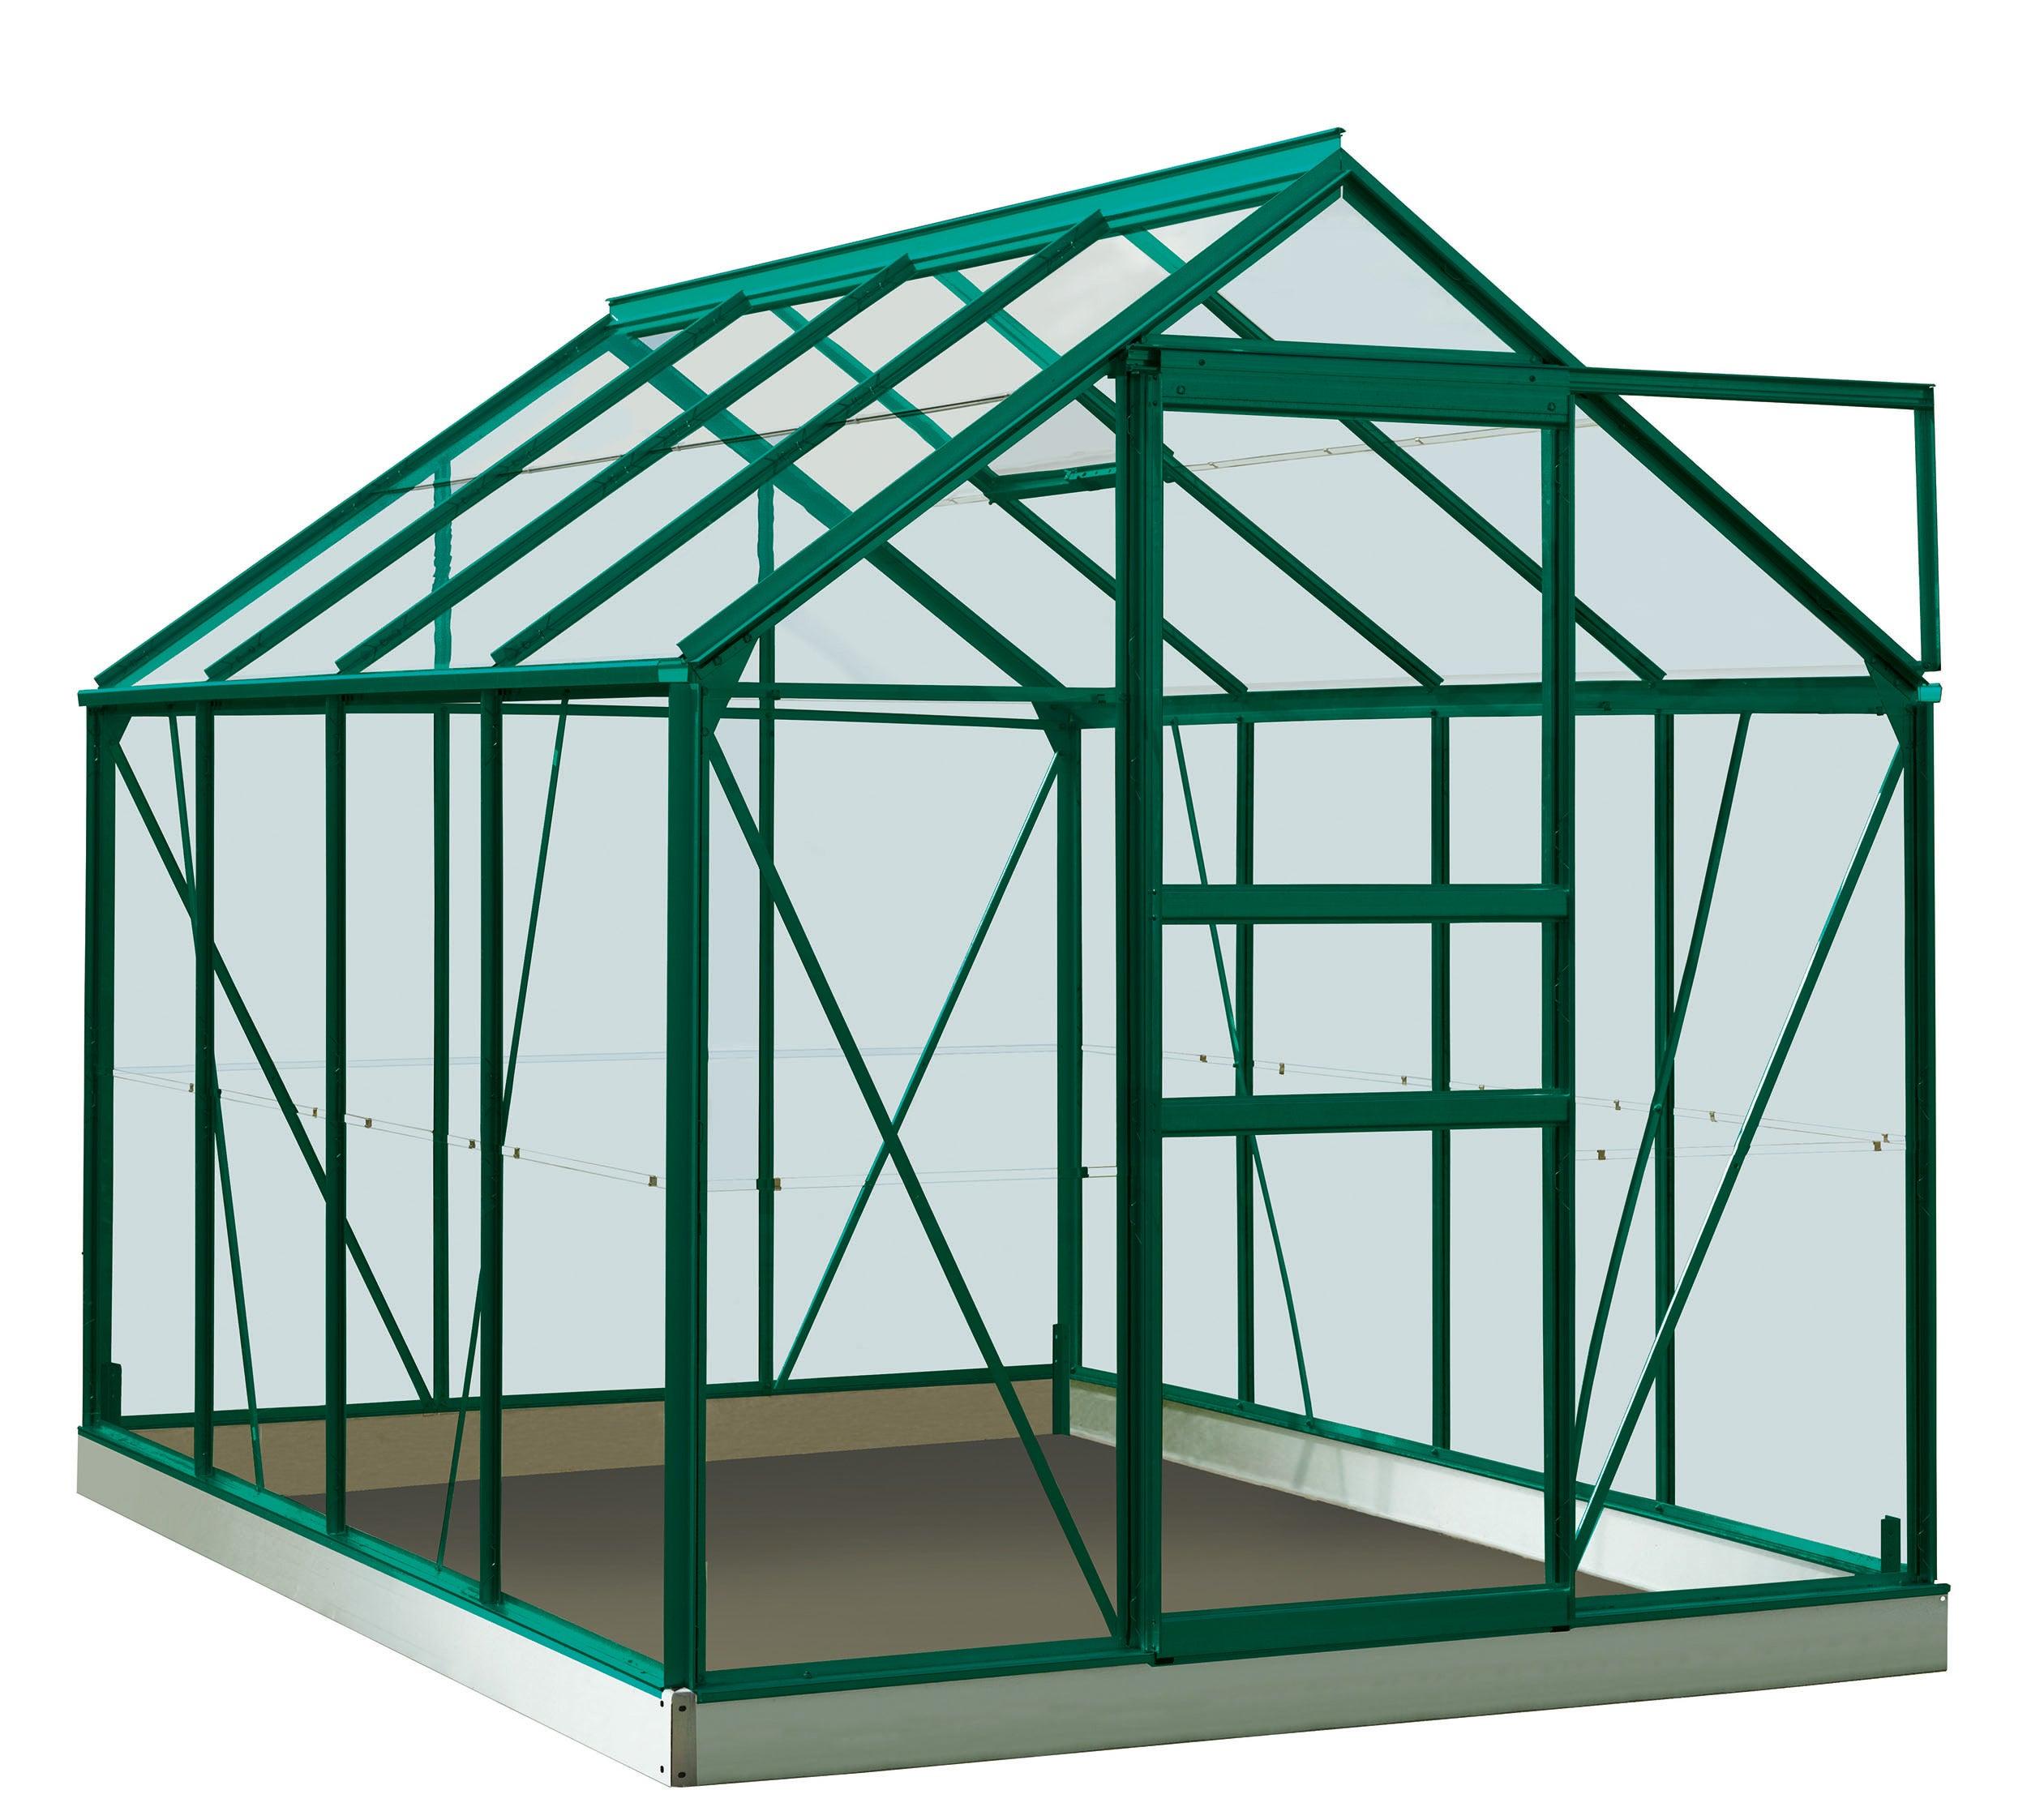 Serre De Jardin En Verre Trempé Rainbow Vert, 4.96 M² à Serre De Jardin Leroy Merlin